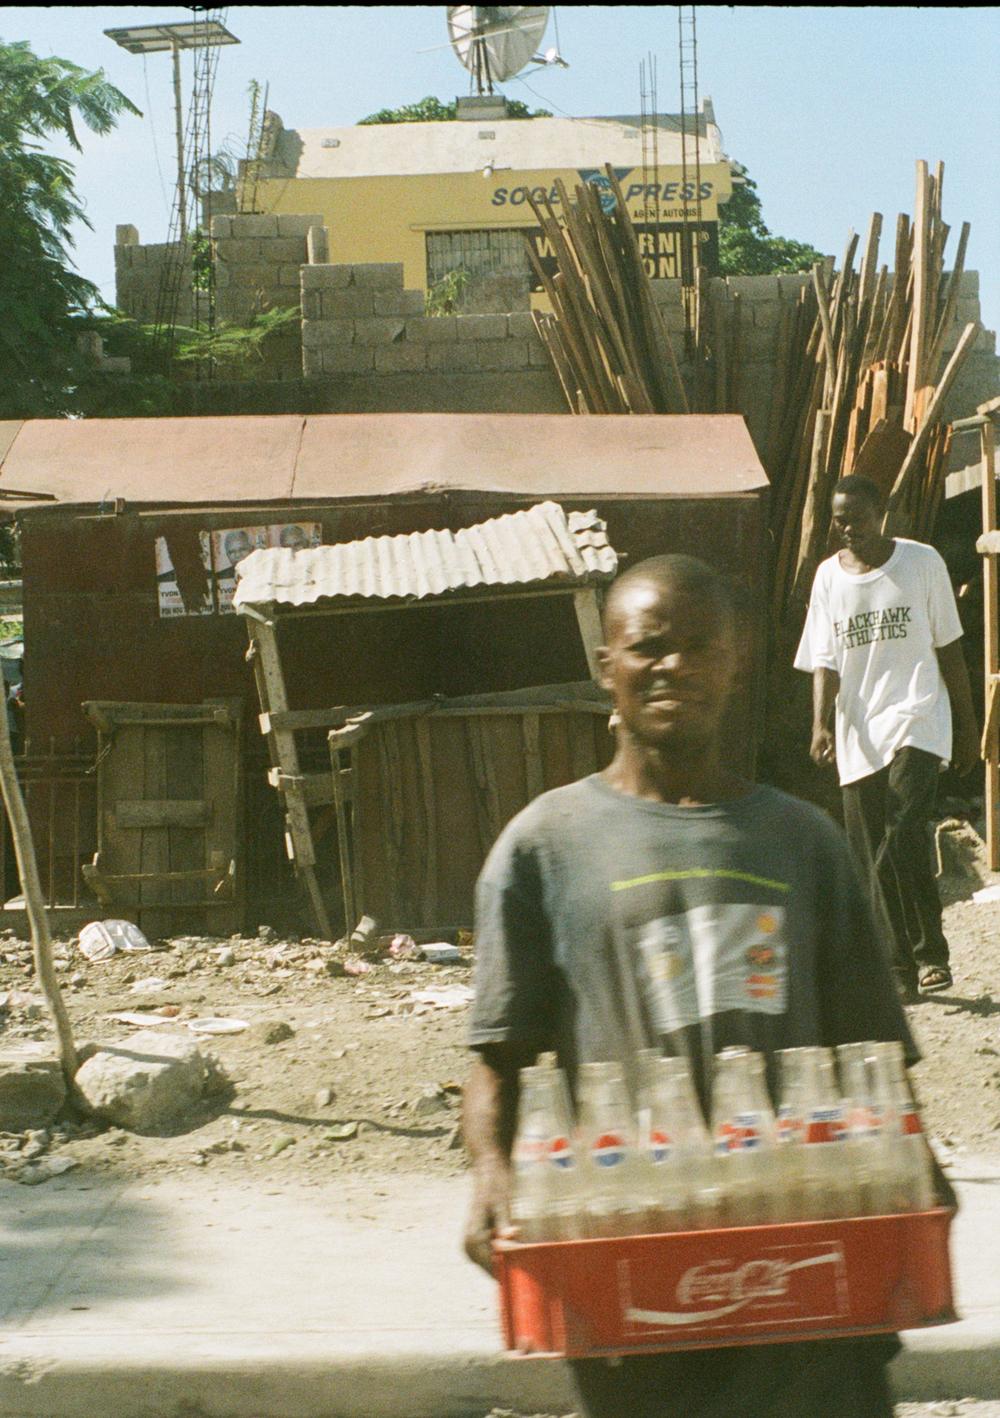 haiti081-759806010052.jpg